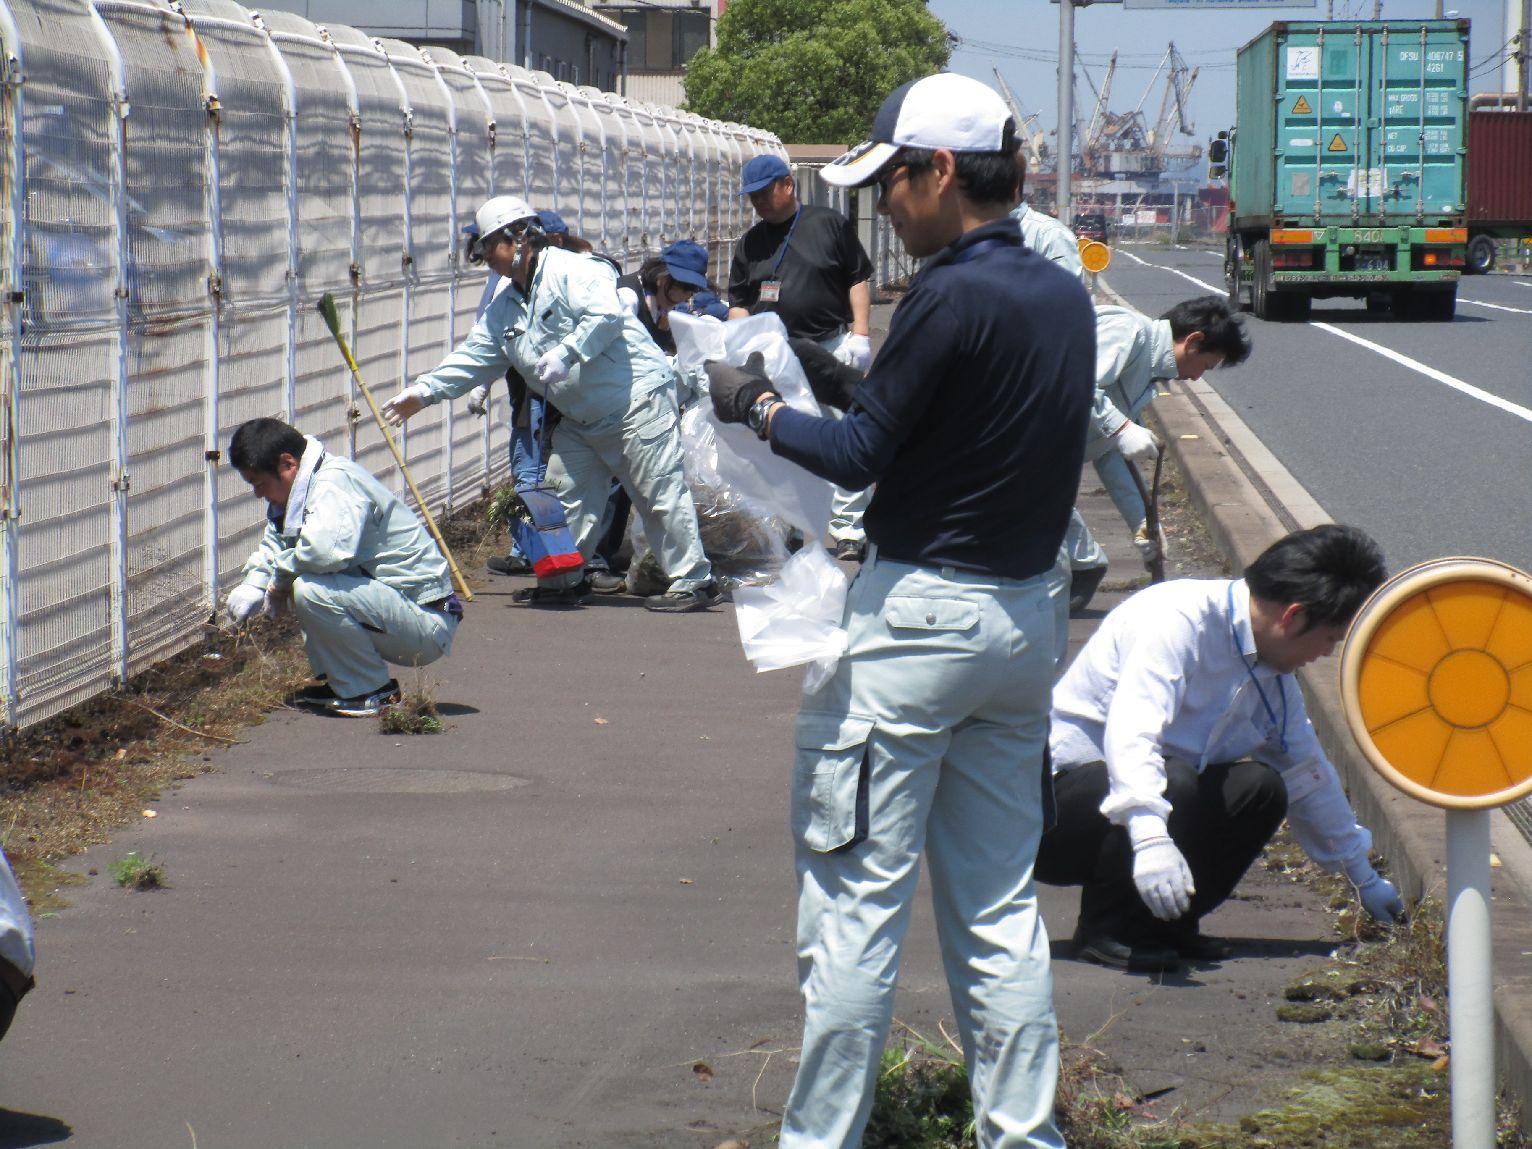 神原ロジスティクス 福山物流センター周辺の清掃活動を実施